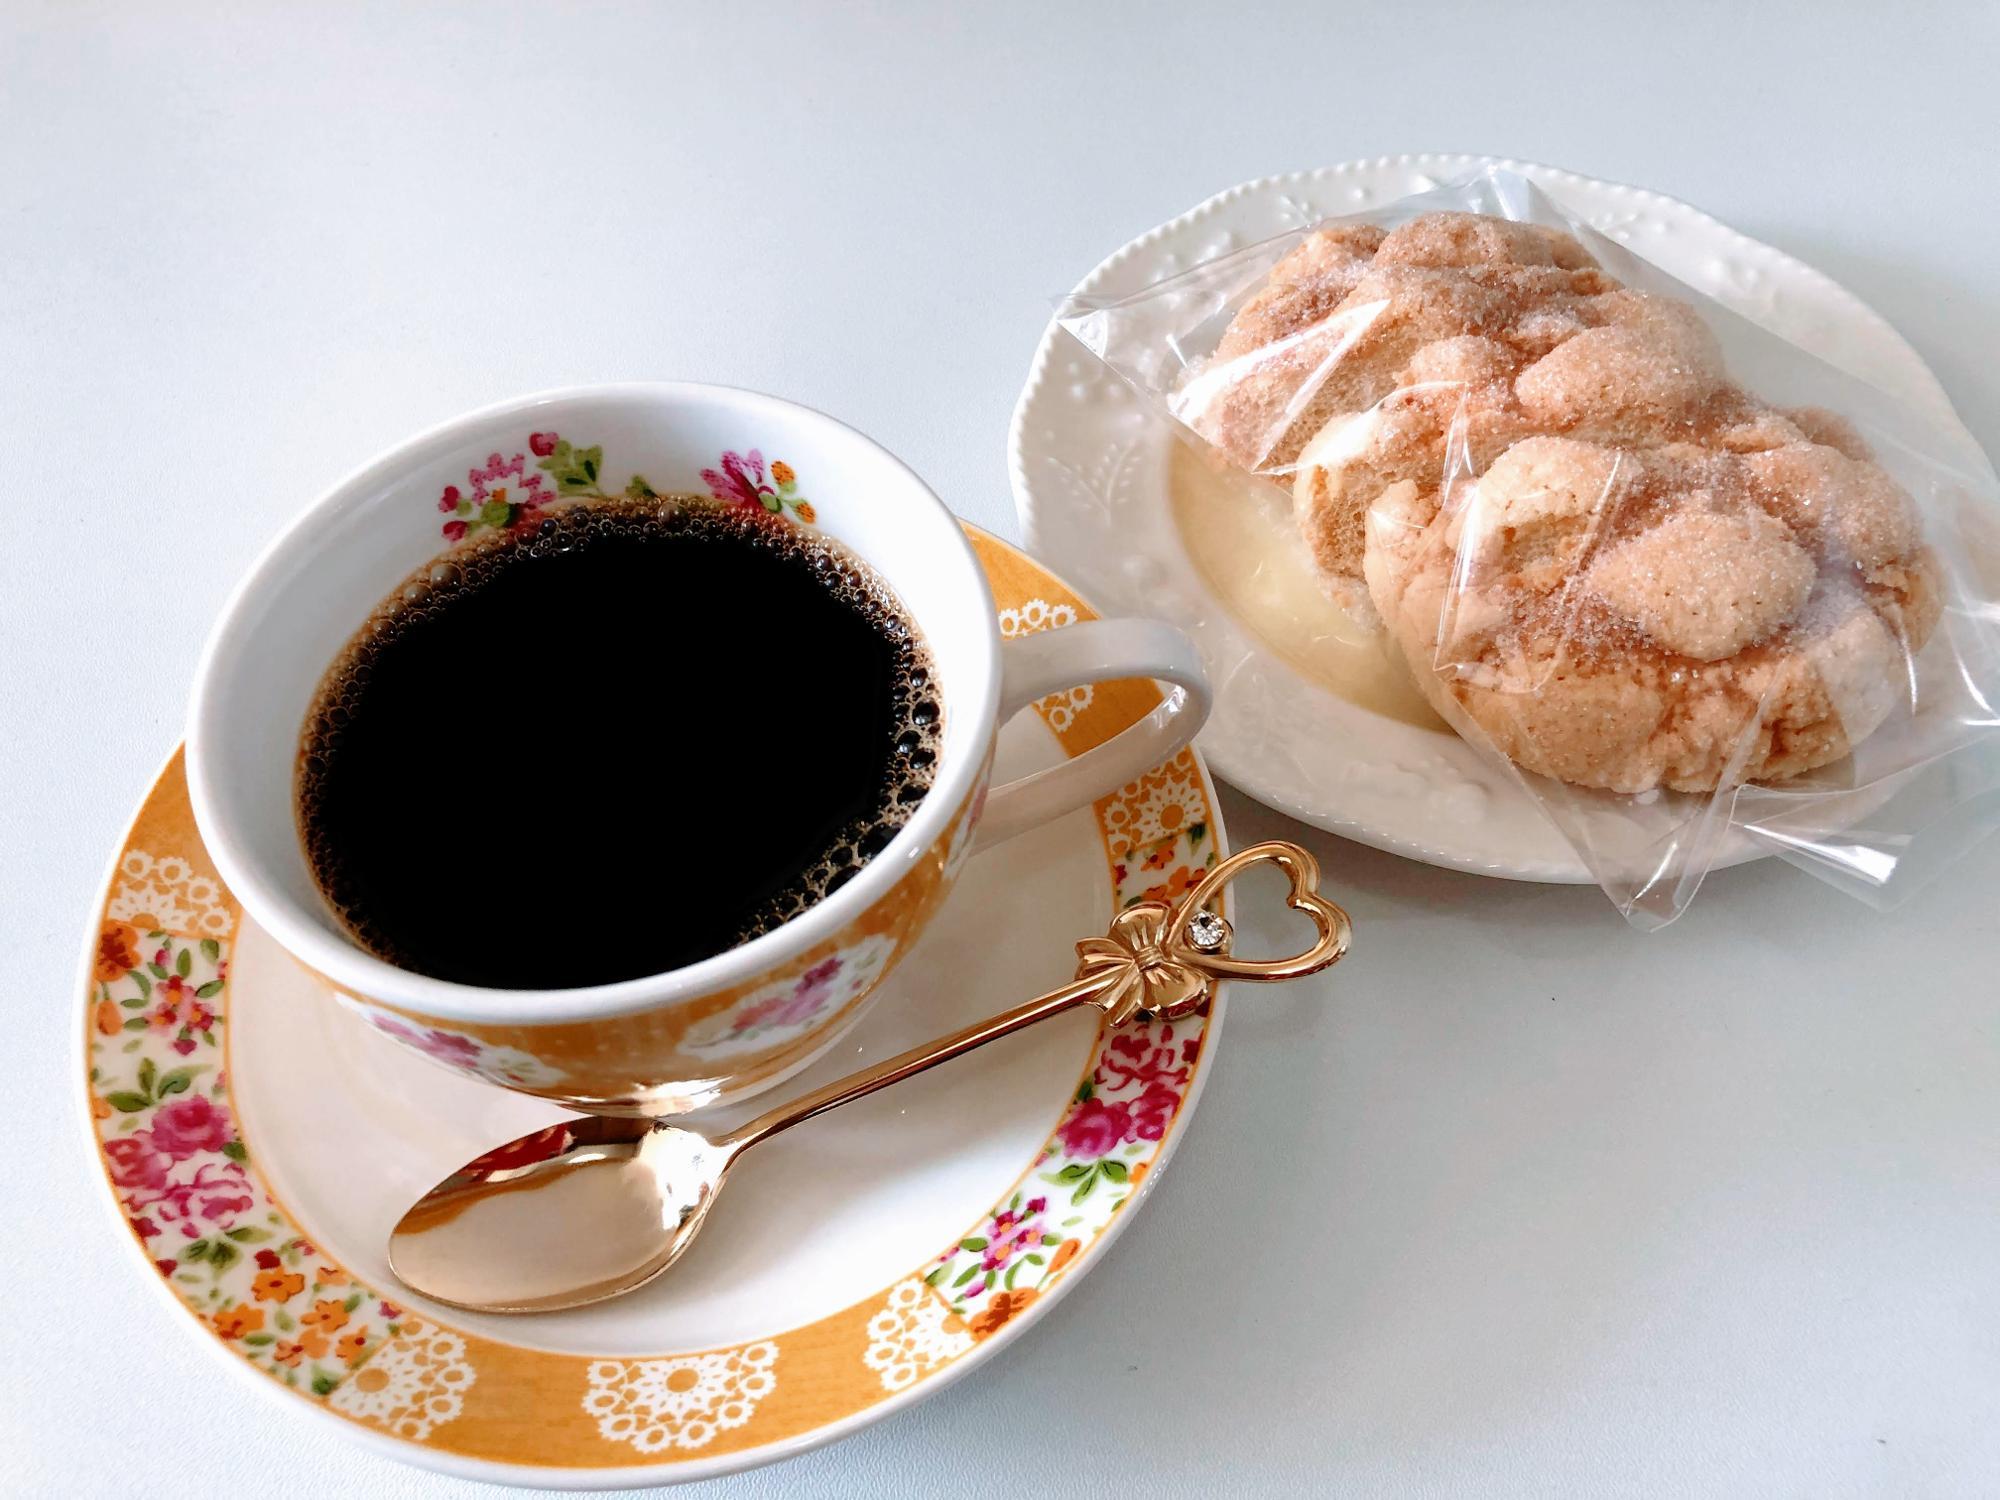 デニムのコーヒーとSHIROMARUのメロンパンラスクは最高に合う